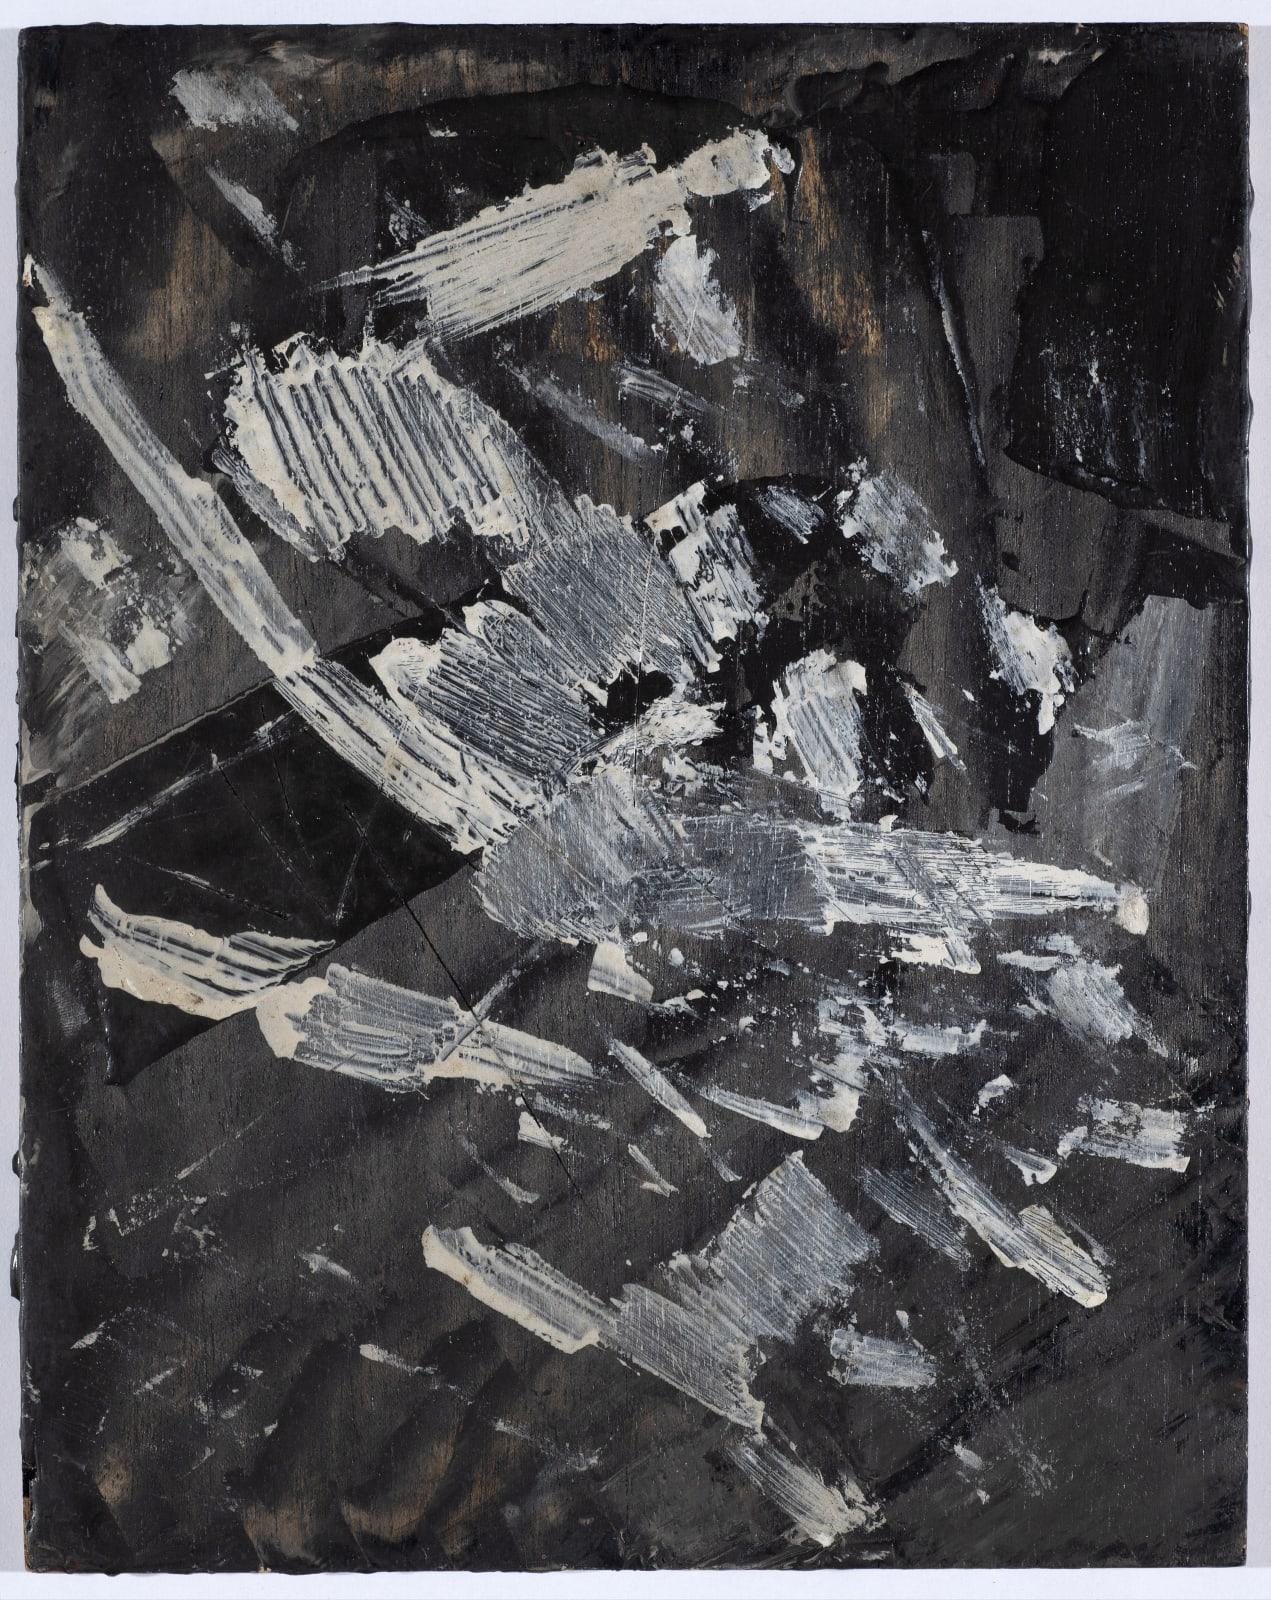 Gustav Metzger Painting, c. 1958-60 Oil on board 22 x 28cm. The Gustav Metzger Foundation